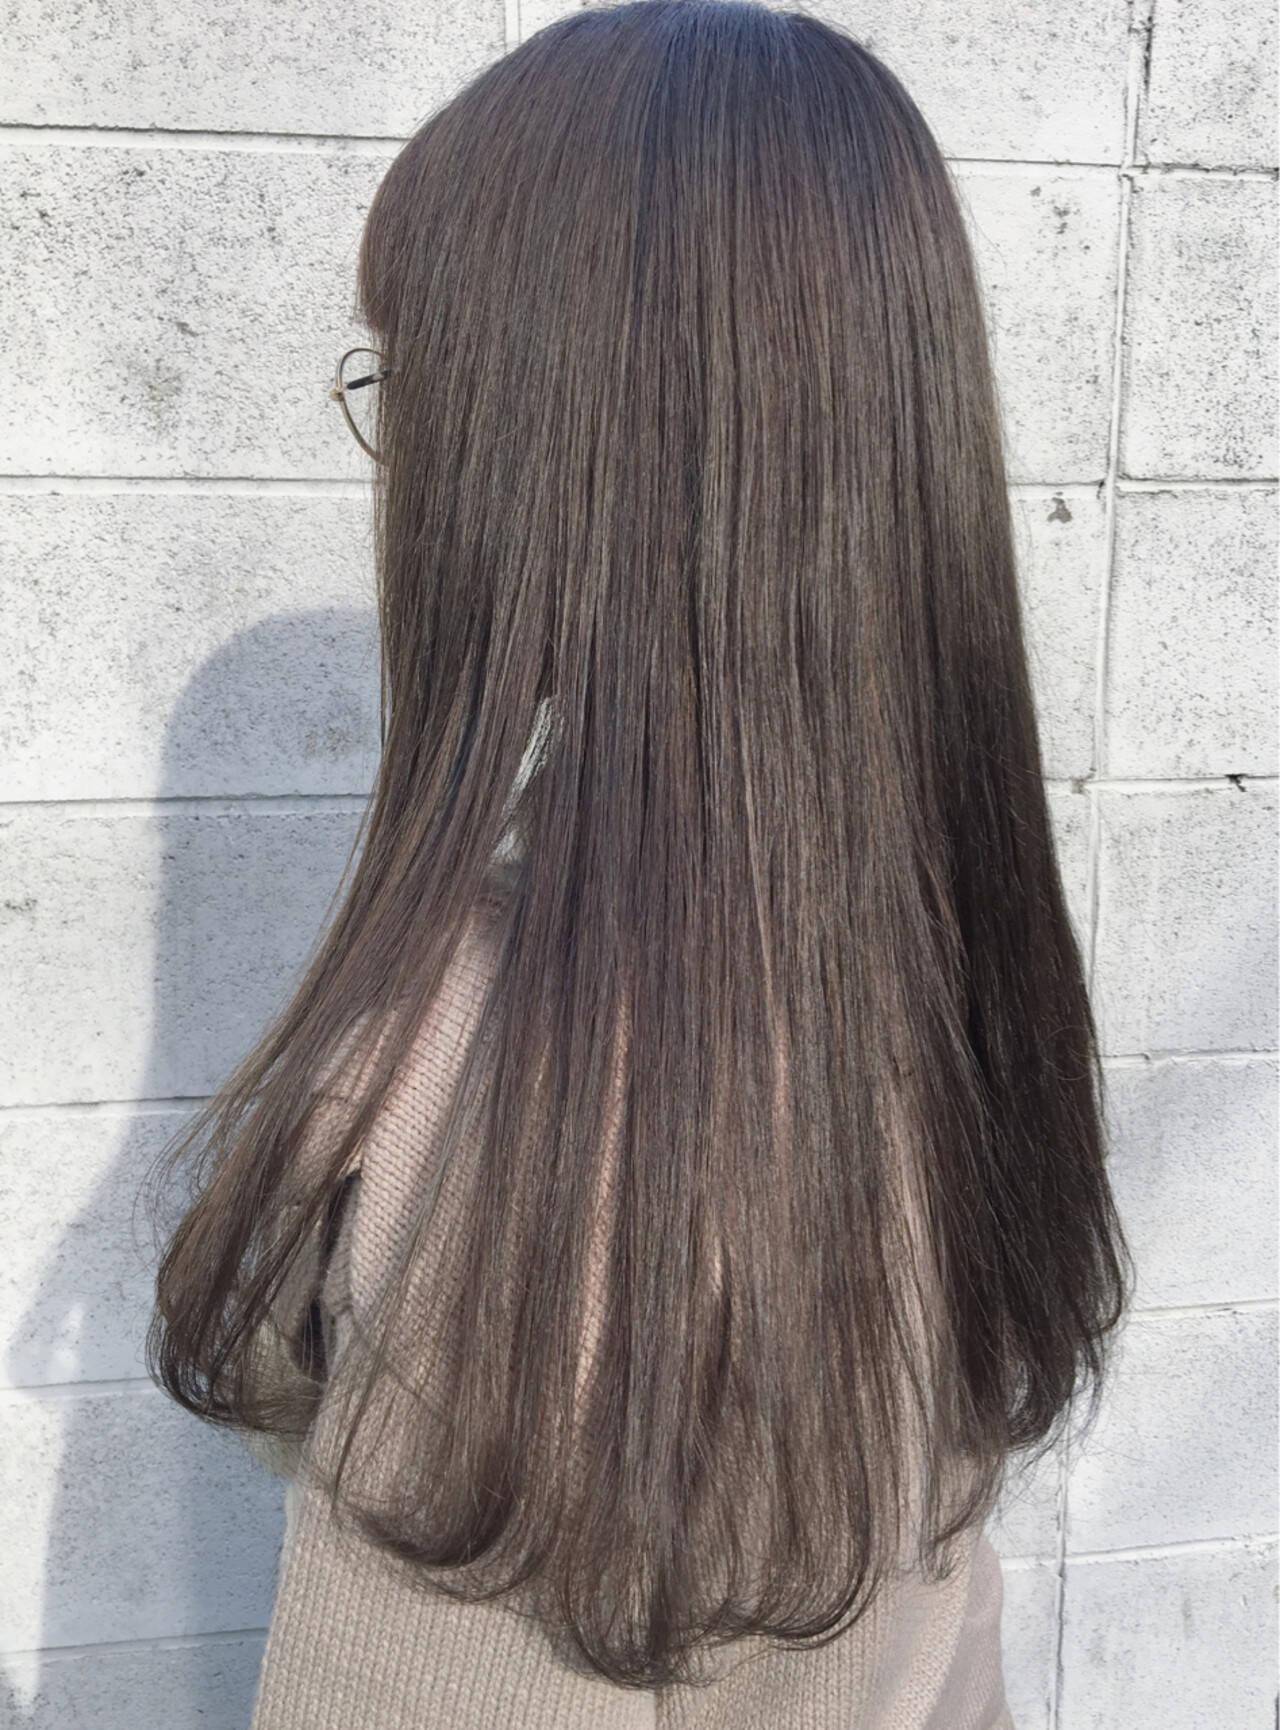 外国人風 アッシュ ロング カーキアッシュヘアスタイルや髪型の写真・画像